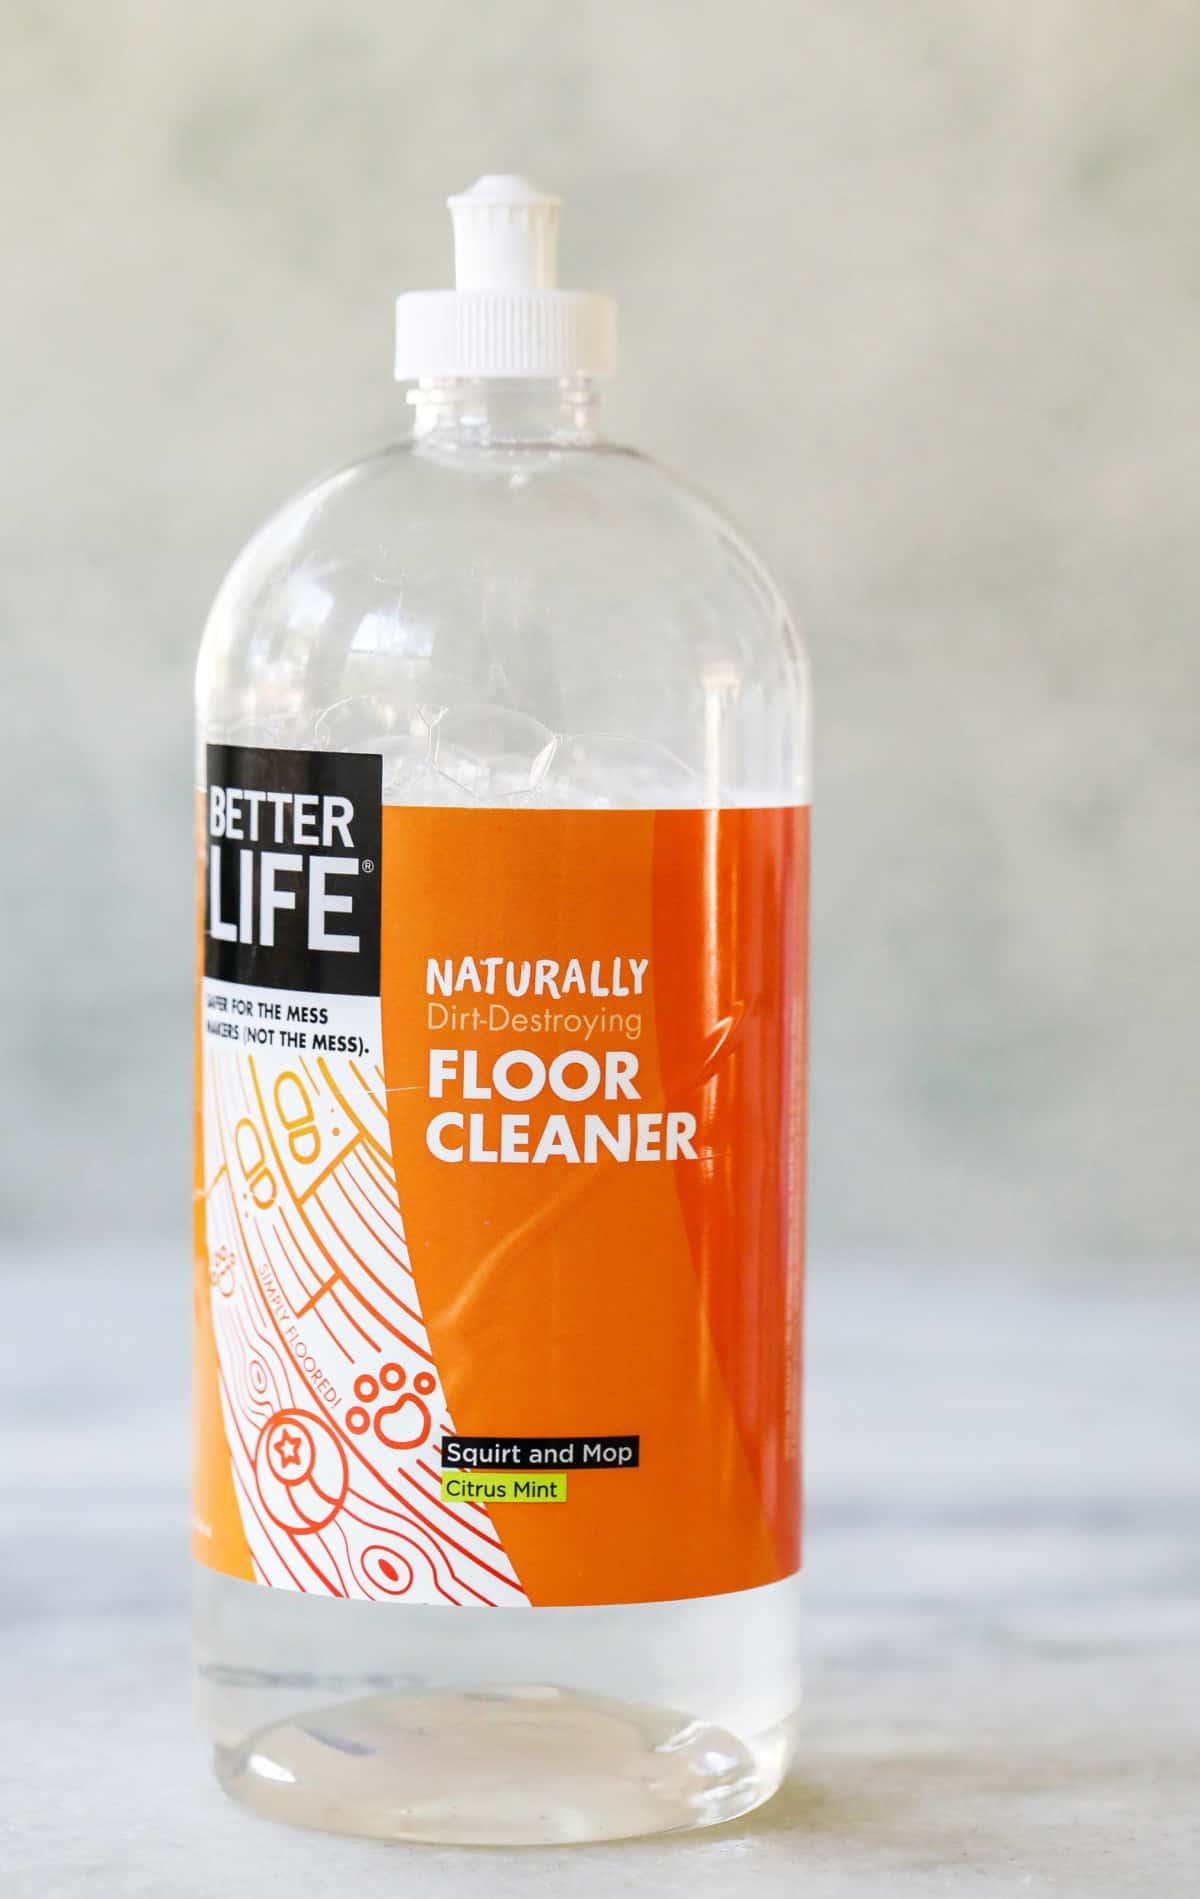 Better Life floor cleaner